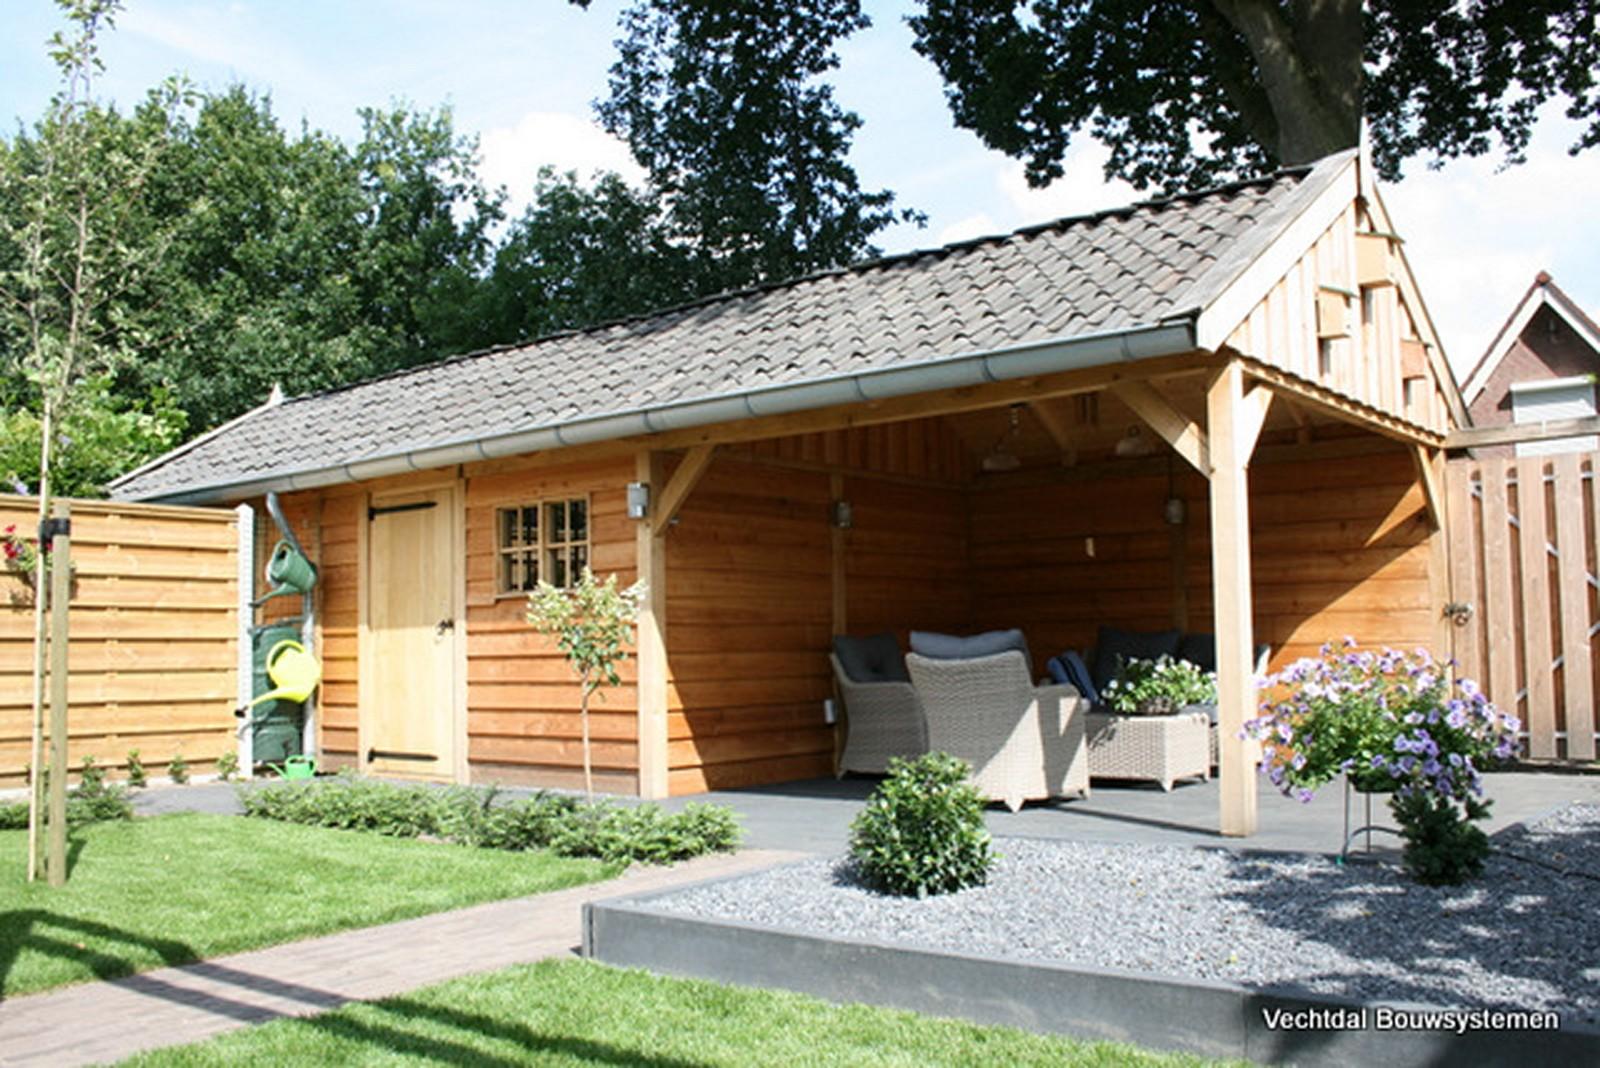 eiken_tuinhuis_1 - tuinhuis met veranda